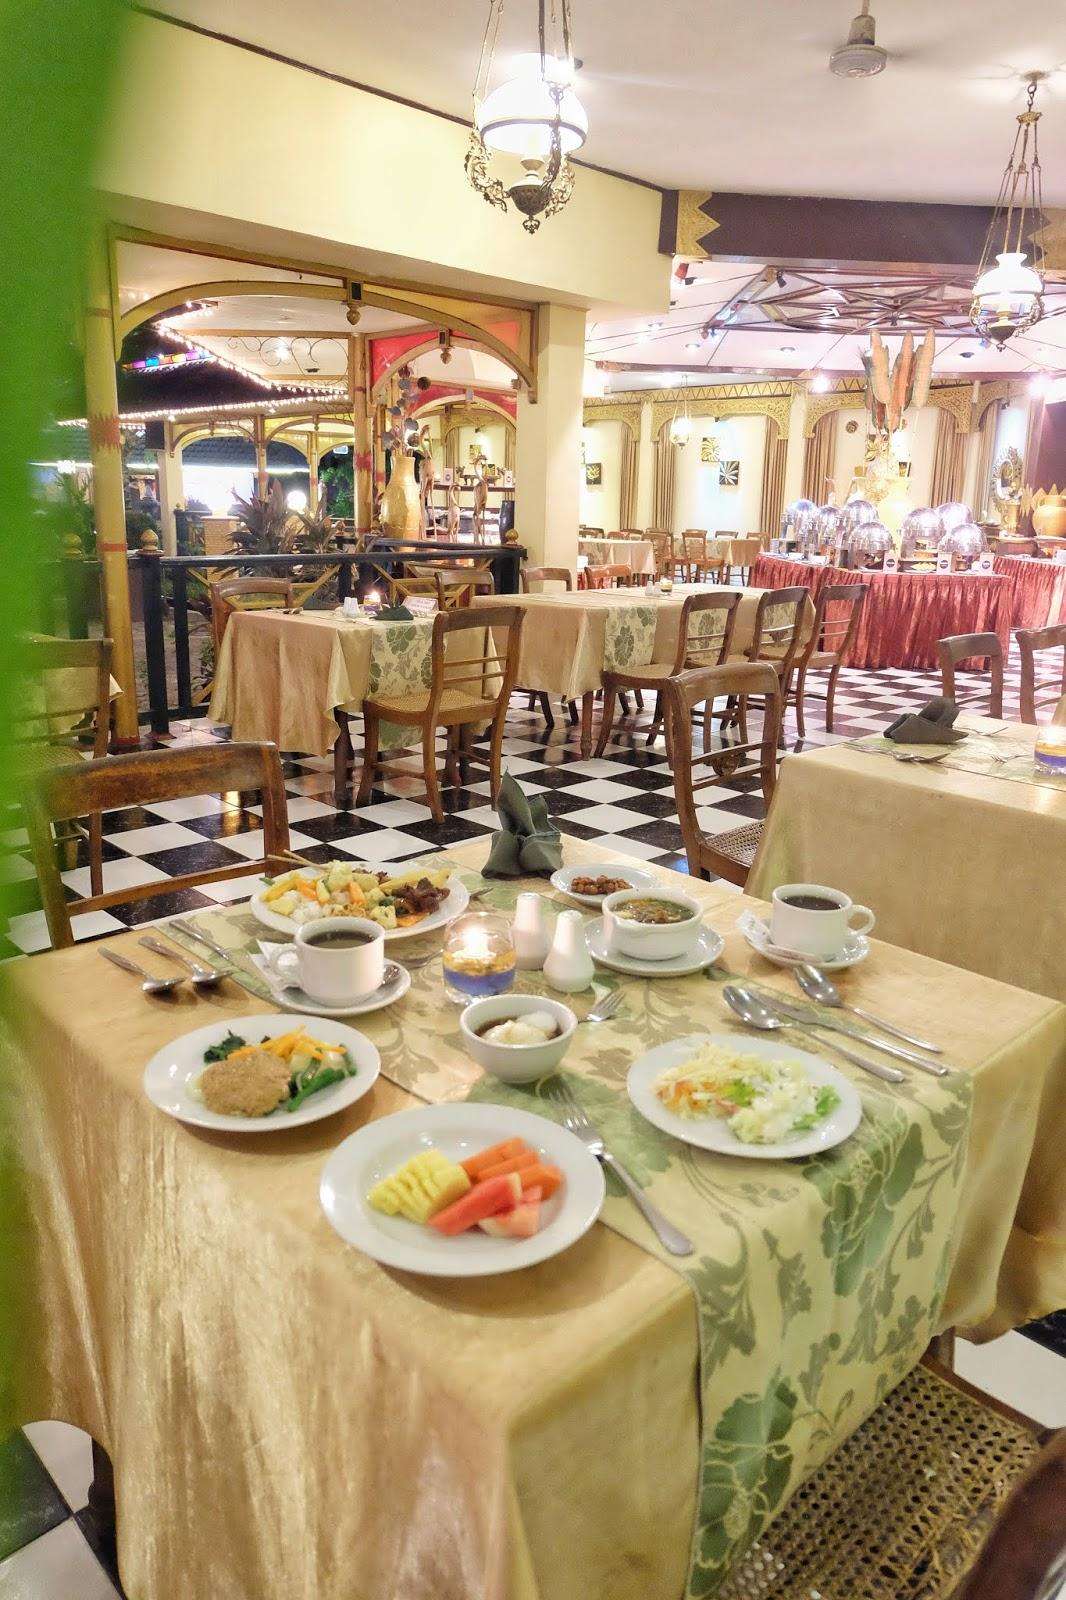 Serunya Staycation Sambil Nonton Sendratari Ramayana Di Ayola Tasneem Convention Hotel Yogyakarta Dear Widha